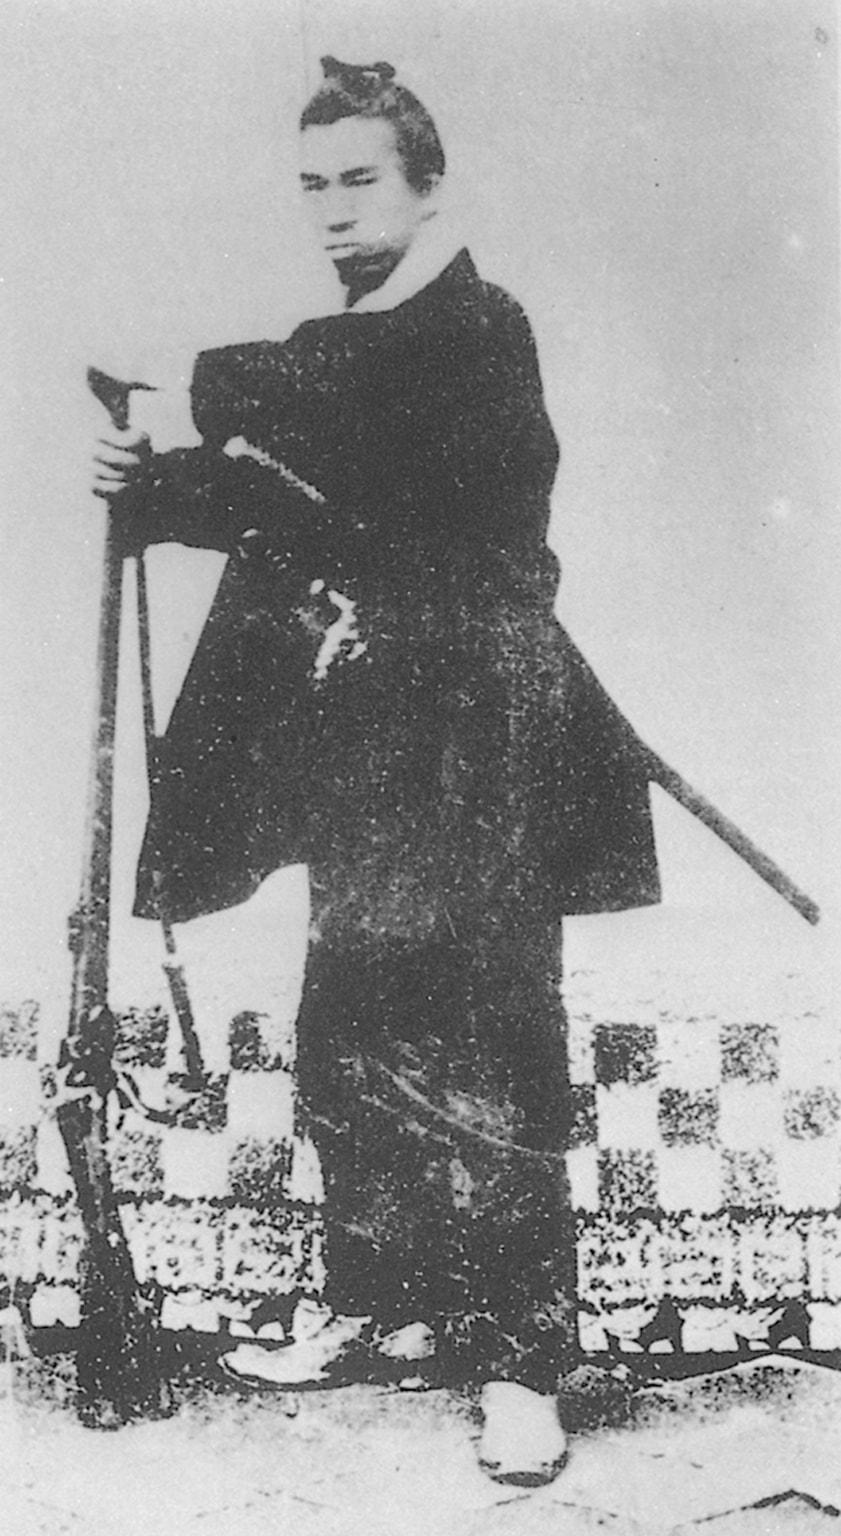 谷干城肖像